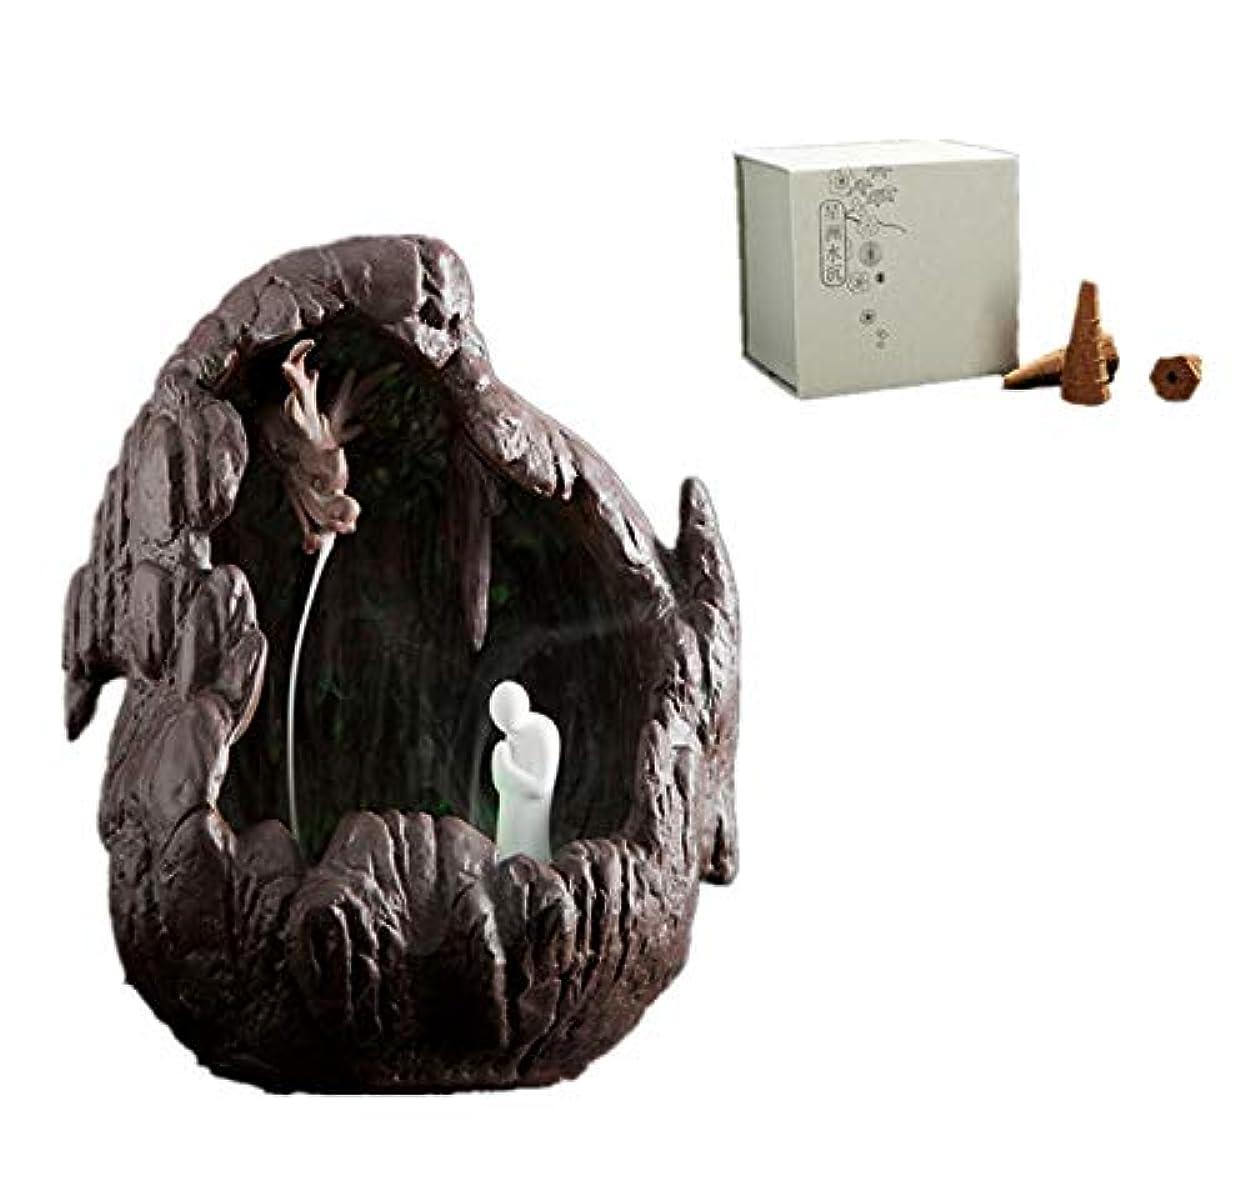 適格フレッシュ記録XPPXPP Reflux Incense Burner, Ceramic Incense Burner, With 40pcs Reflux Cone, Suitable For Home Decoration